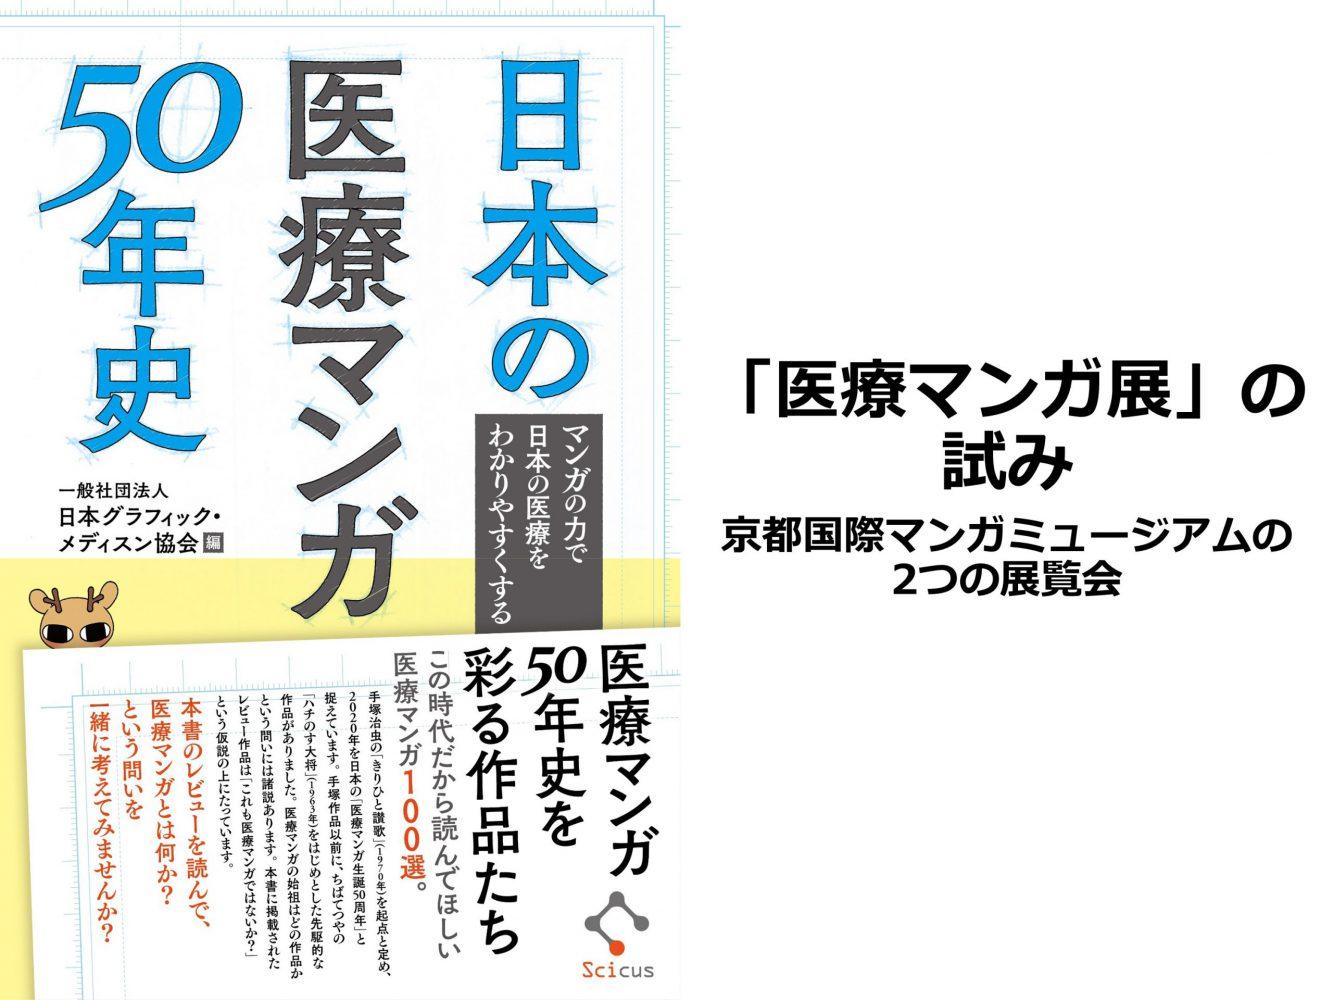 「医療マンガ展」の試み 京都国際マンガミュージアムの2つの展覧会